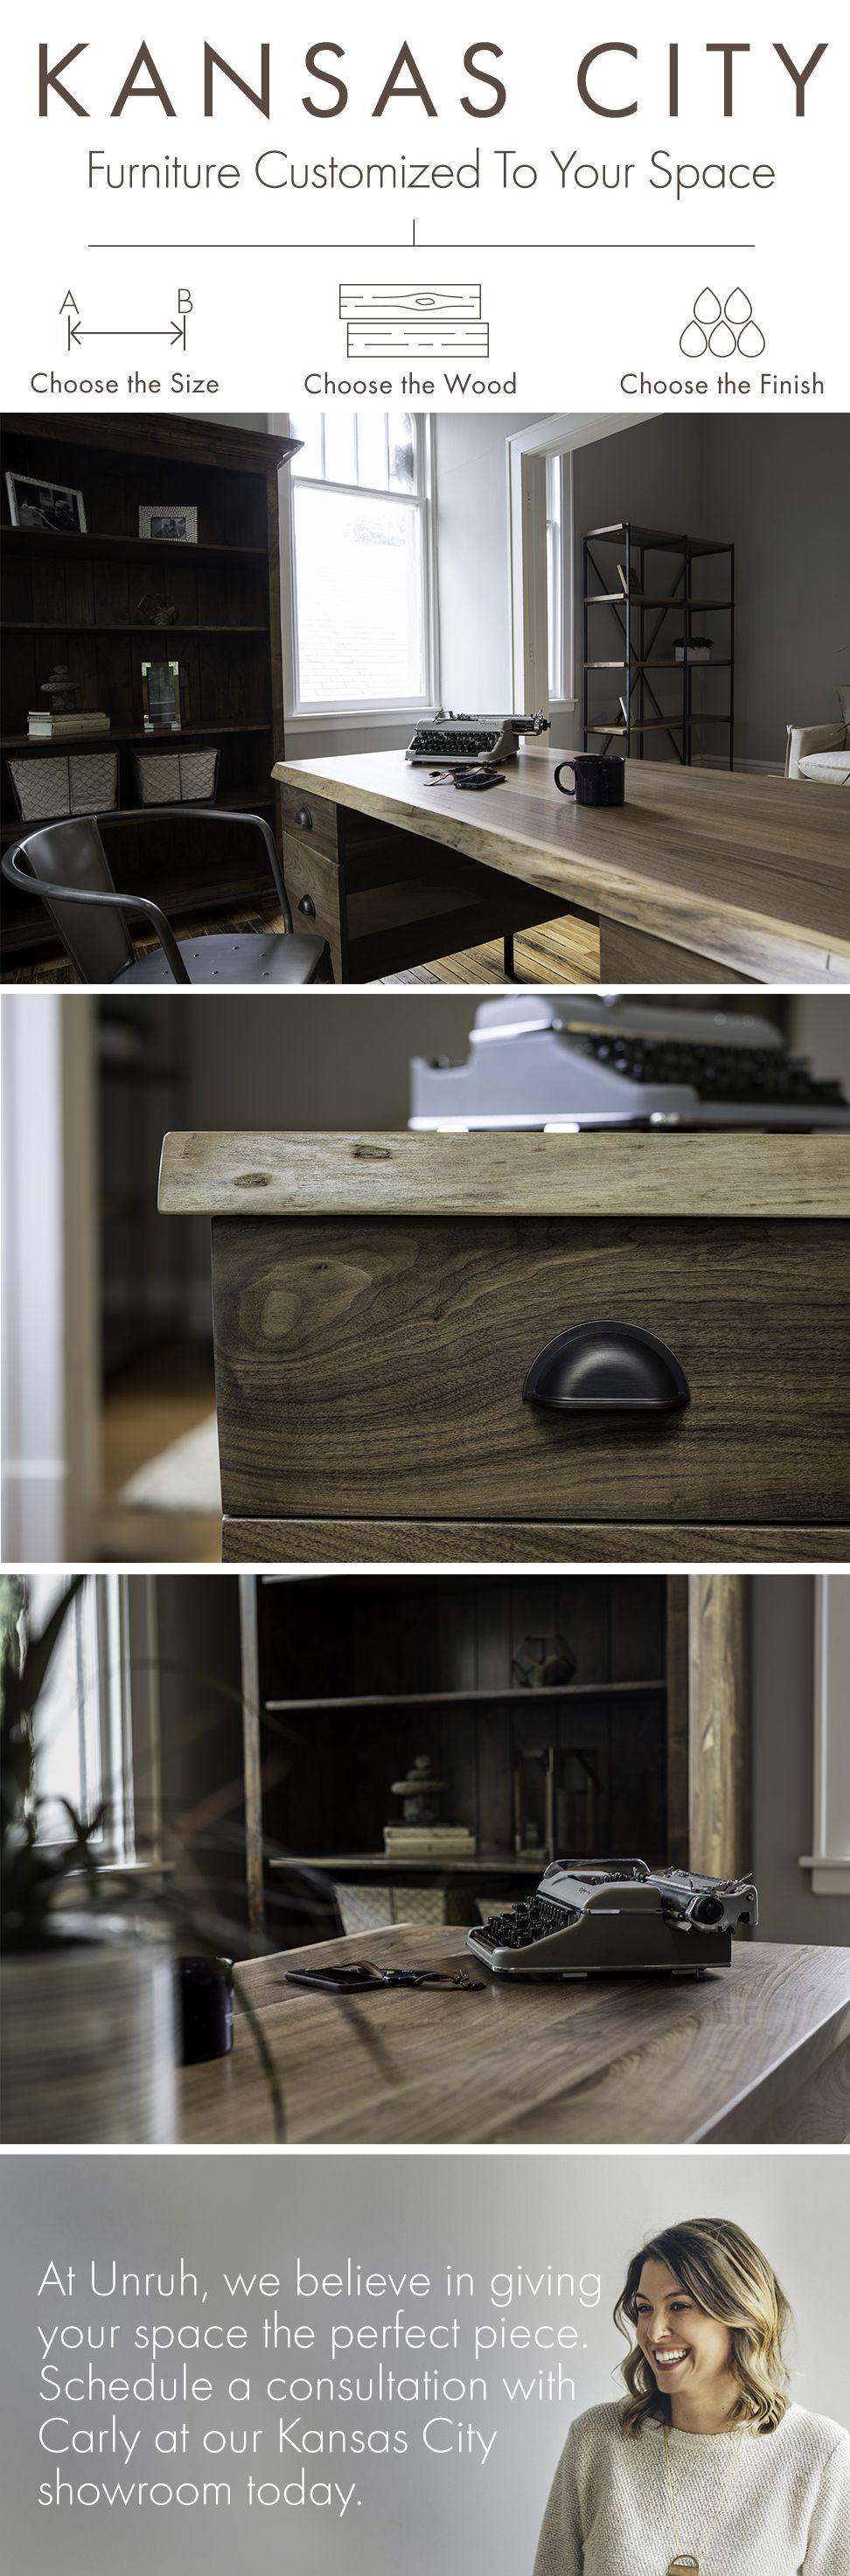 Único Muebles Modernos Kansas City Modelo - Muebles Para Ideas de ...